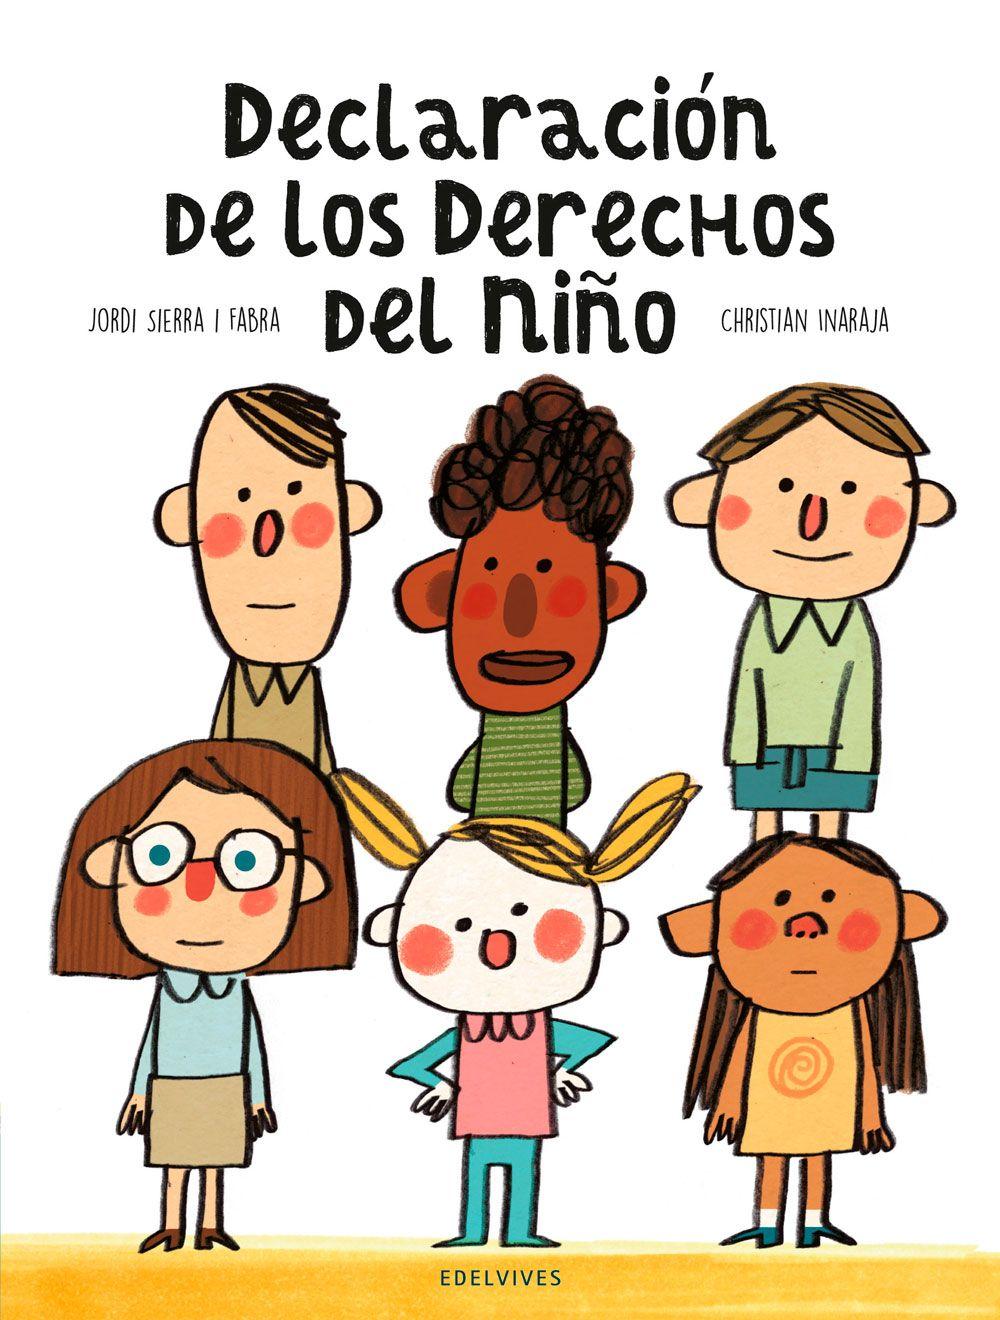 Declaracion De Los Derechos Del Nino Derechos De Los Ninos Ninos Libros Ilustrados